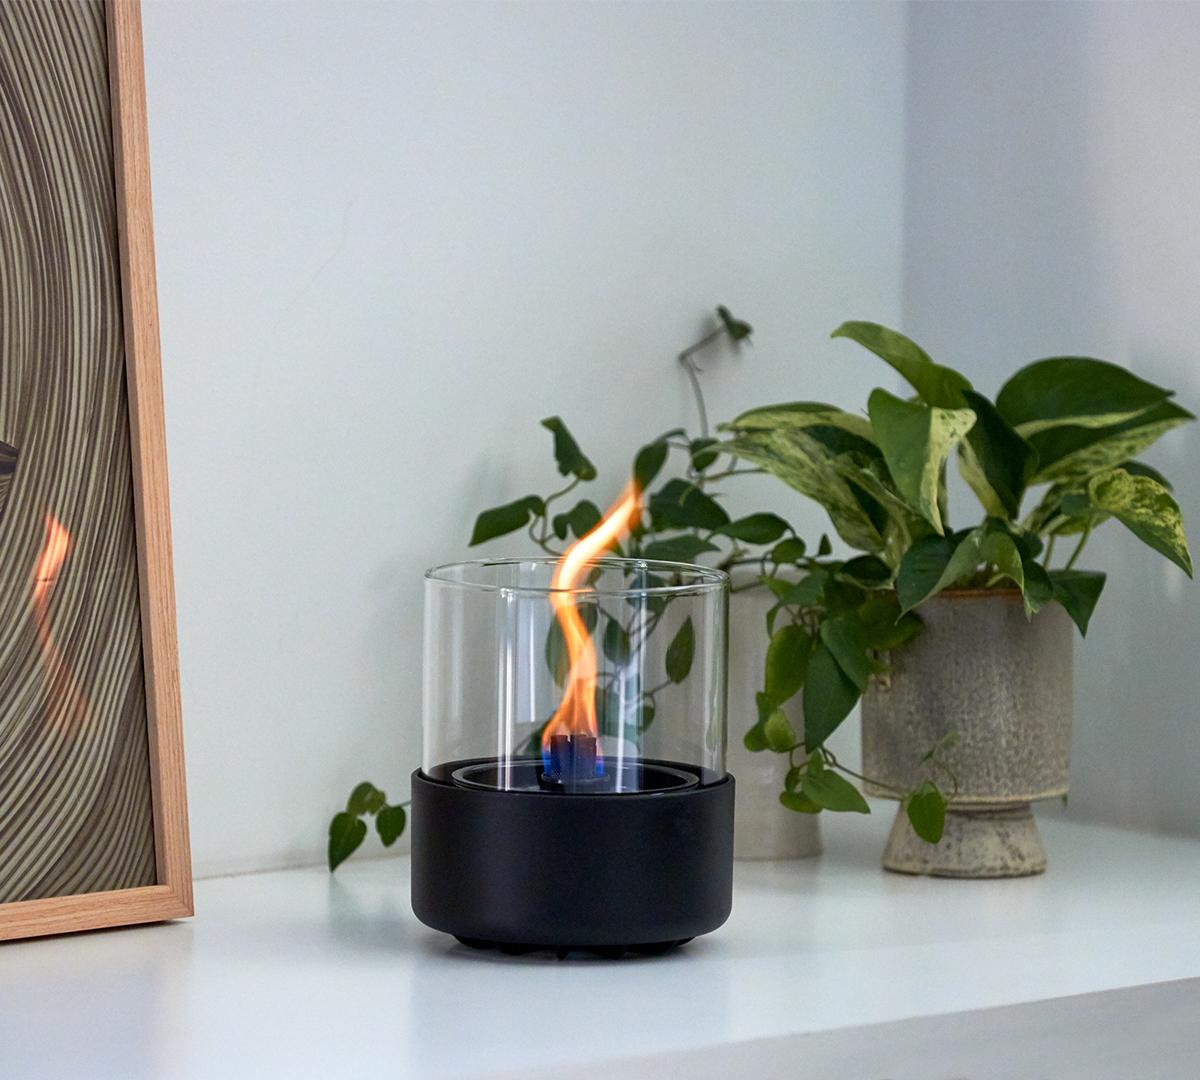 独自開発した燃焼テクノロジー。驚くべきは、燃焼中に倒しても炎が燃え広がらないところ。ニオイや煙が出ず、倒しても安心の特殊燃料で手軽に楽しめる!「卓上ランプ、テーブルライト」|LOVINFLAME(ラヴィンフレーム)